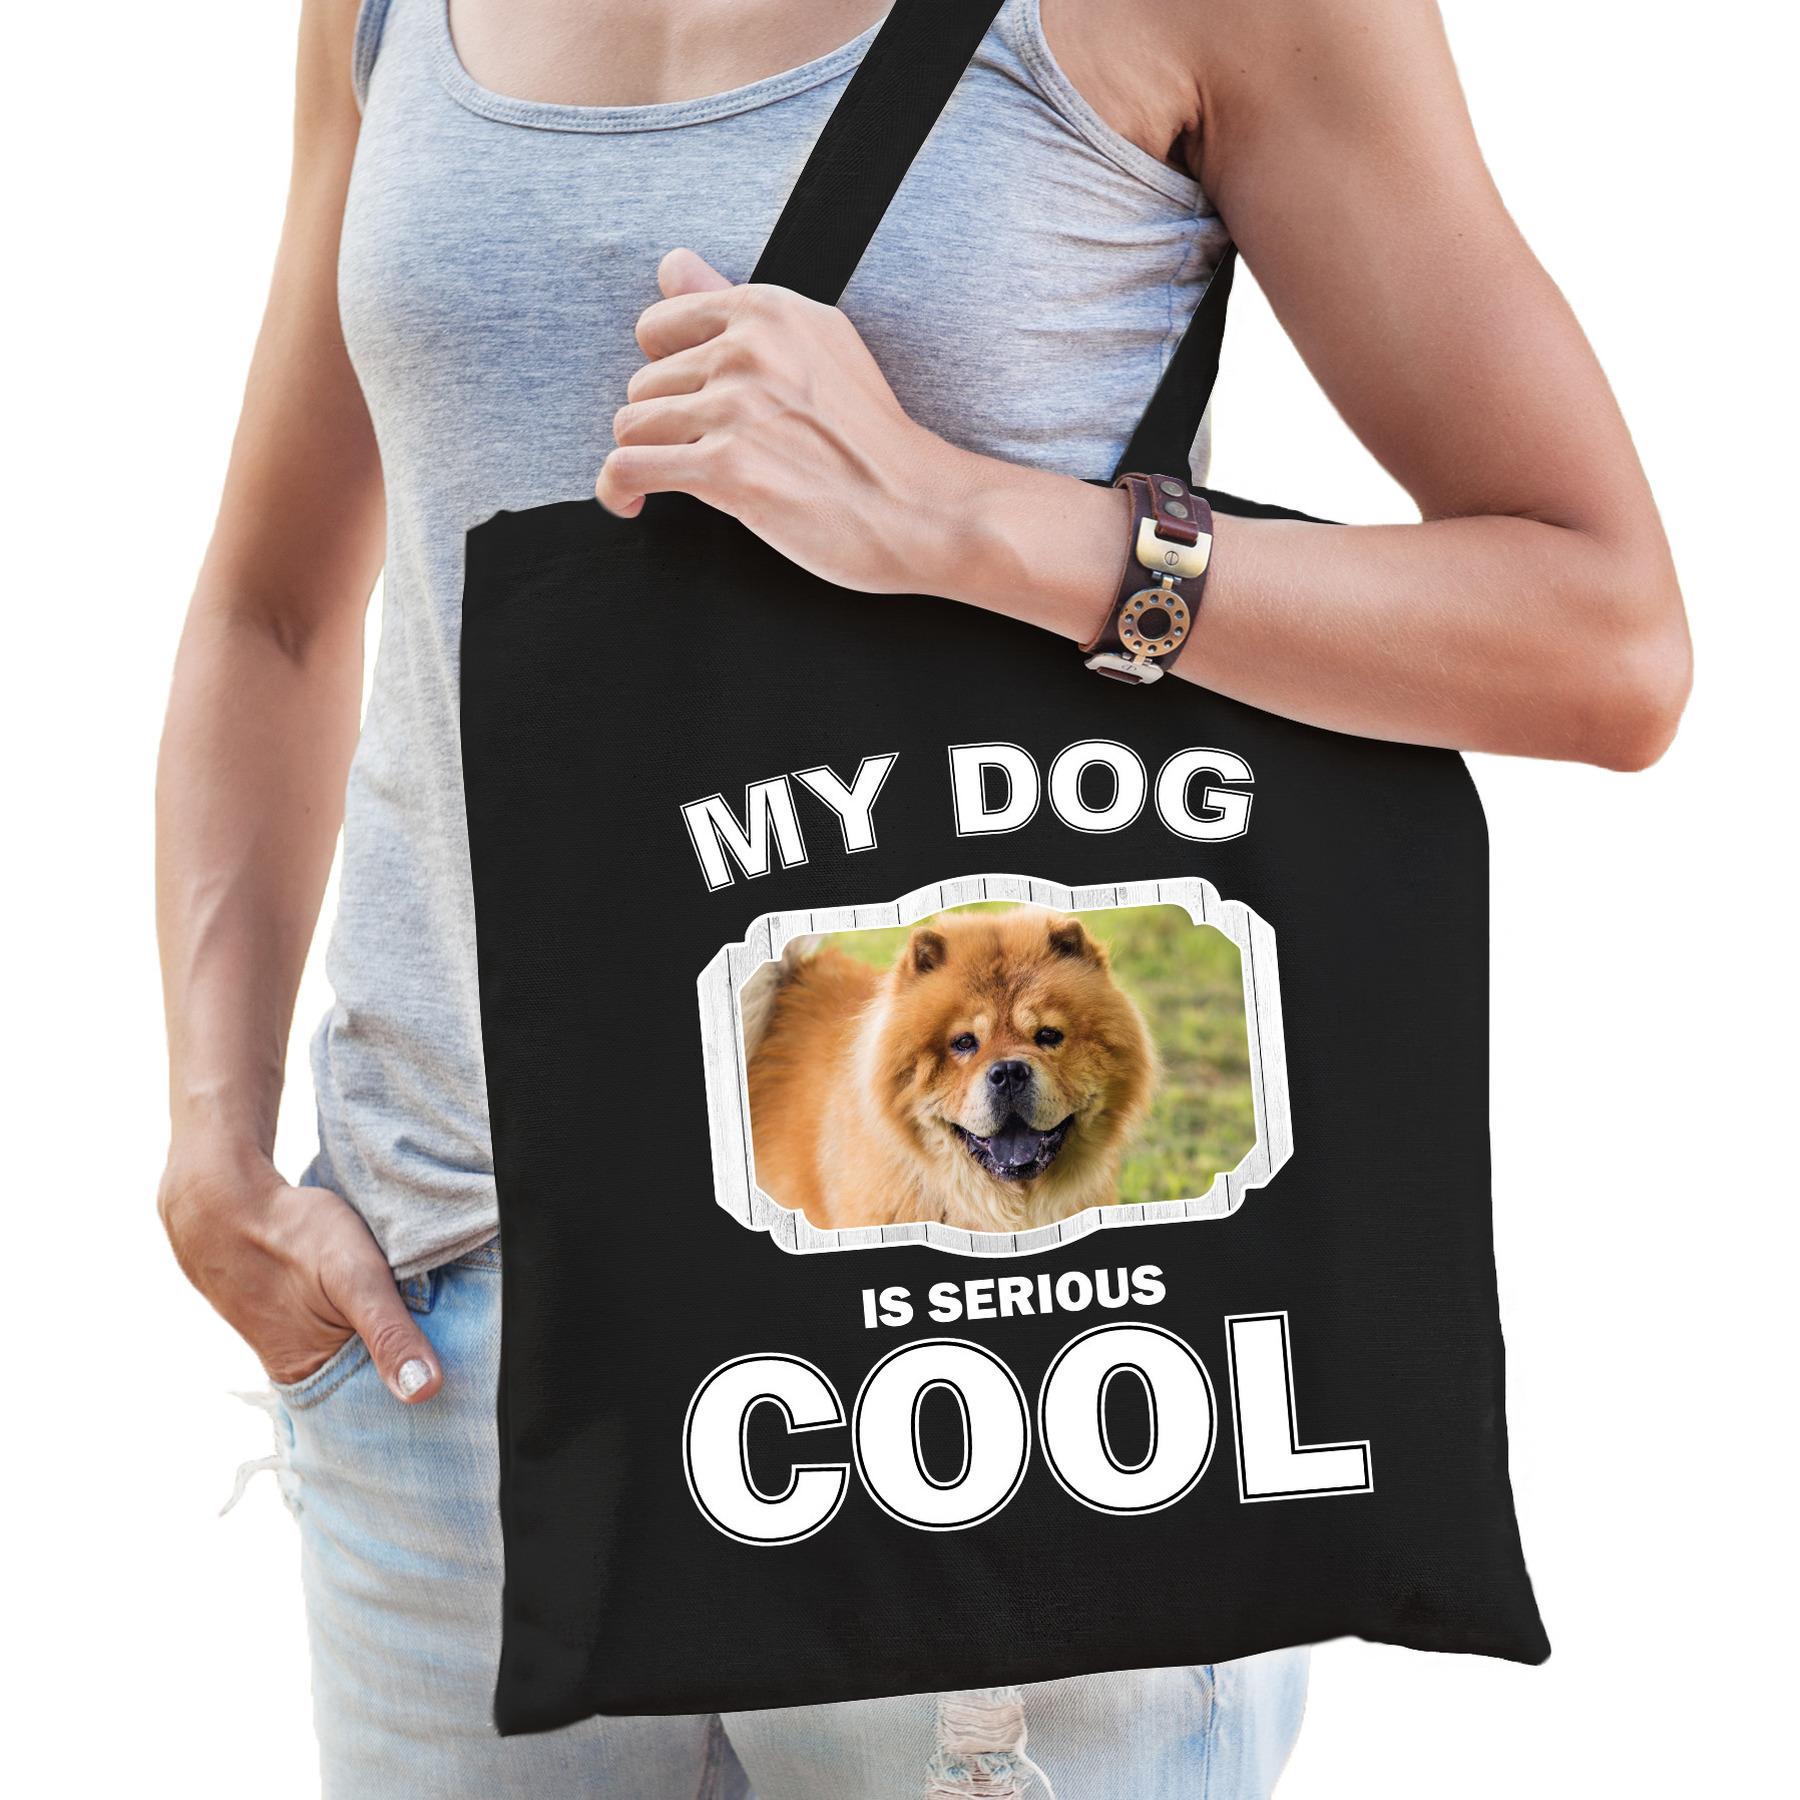 Katoenen tasje my dog is serious cool zwart - Chow chow honden cadeau tas